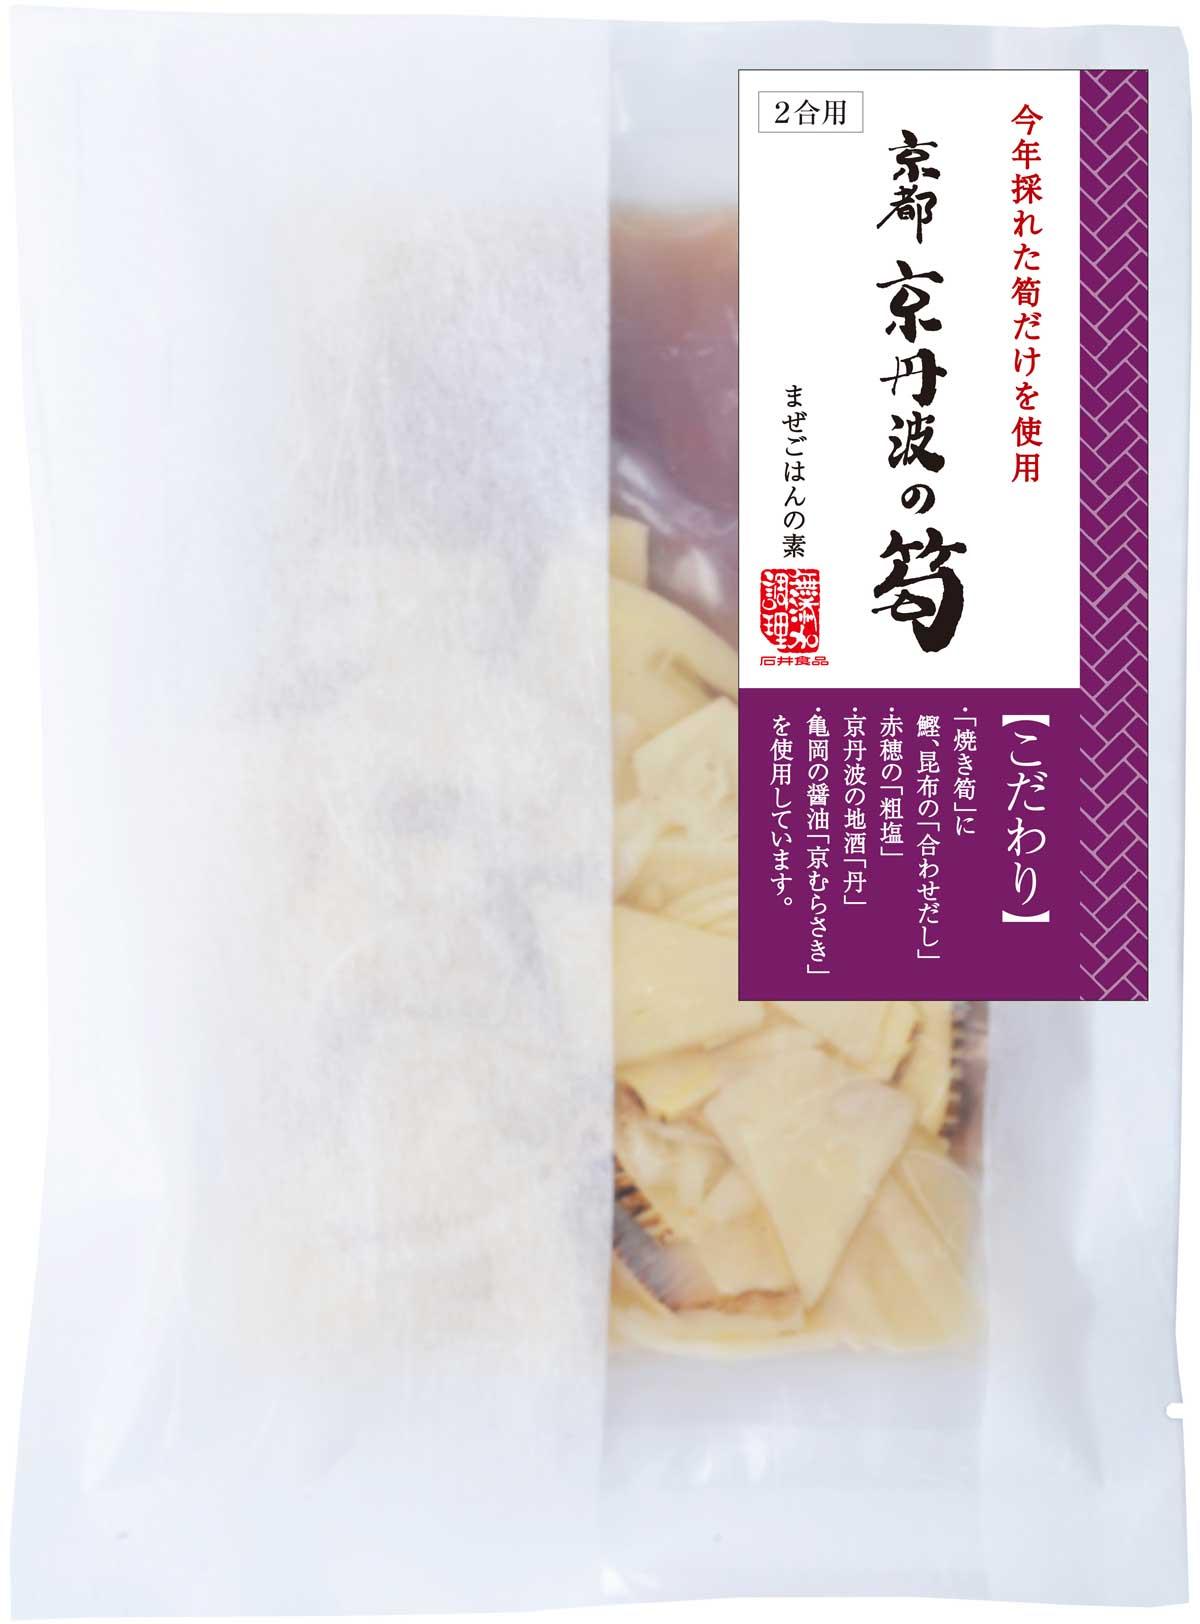 まぜごはんの素 京都 京丹波の筍